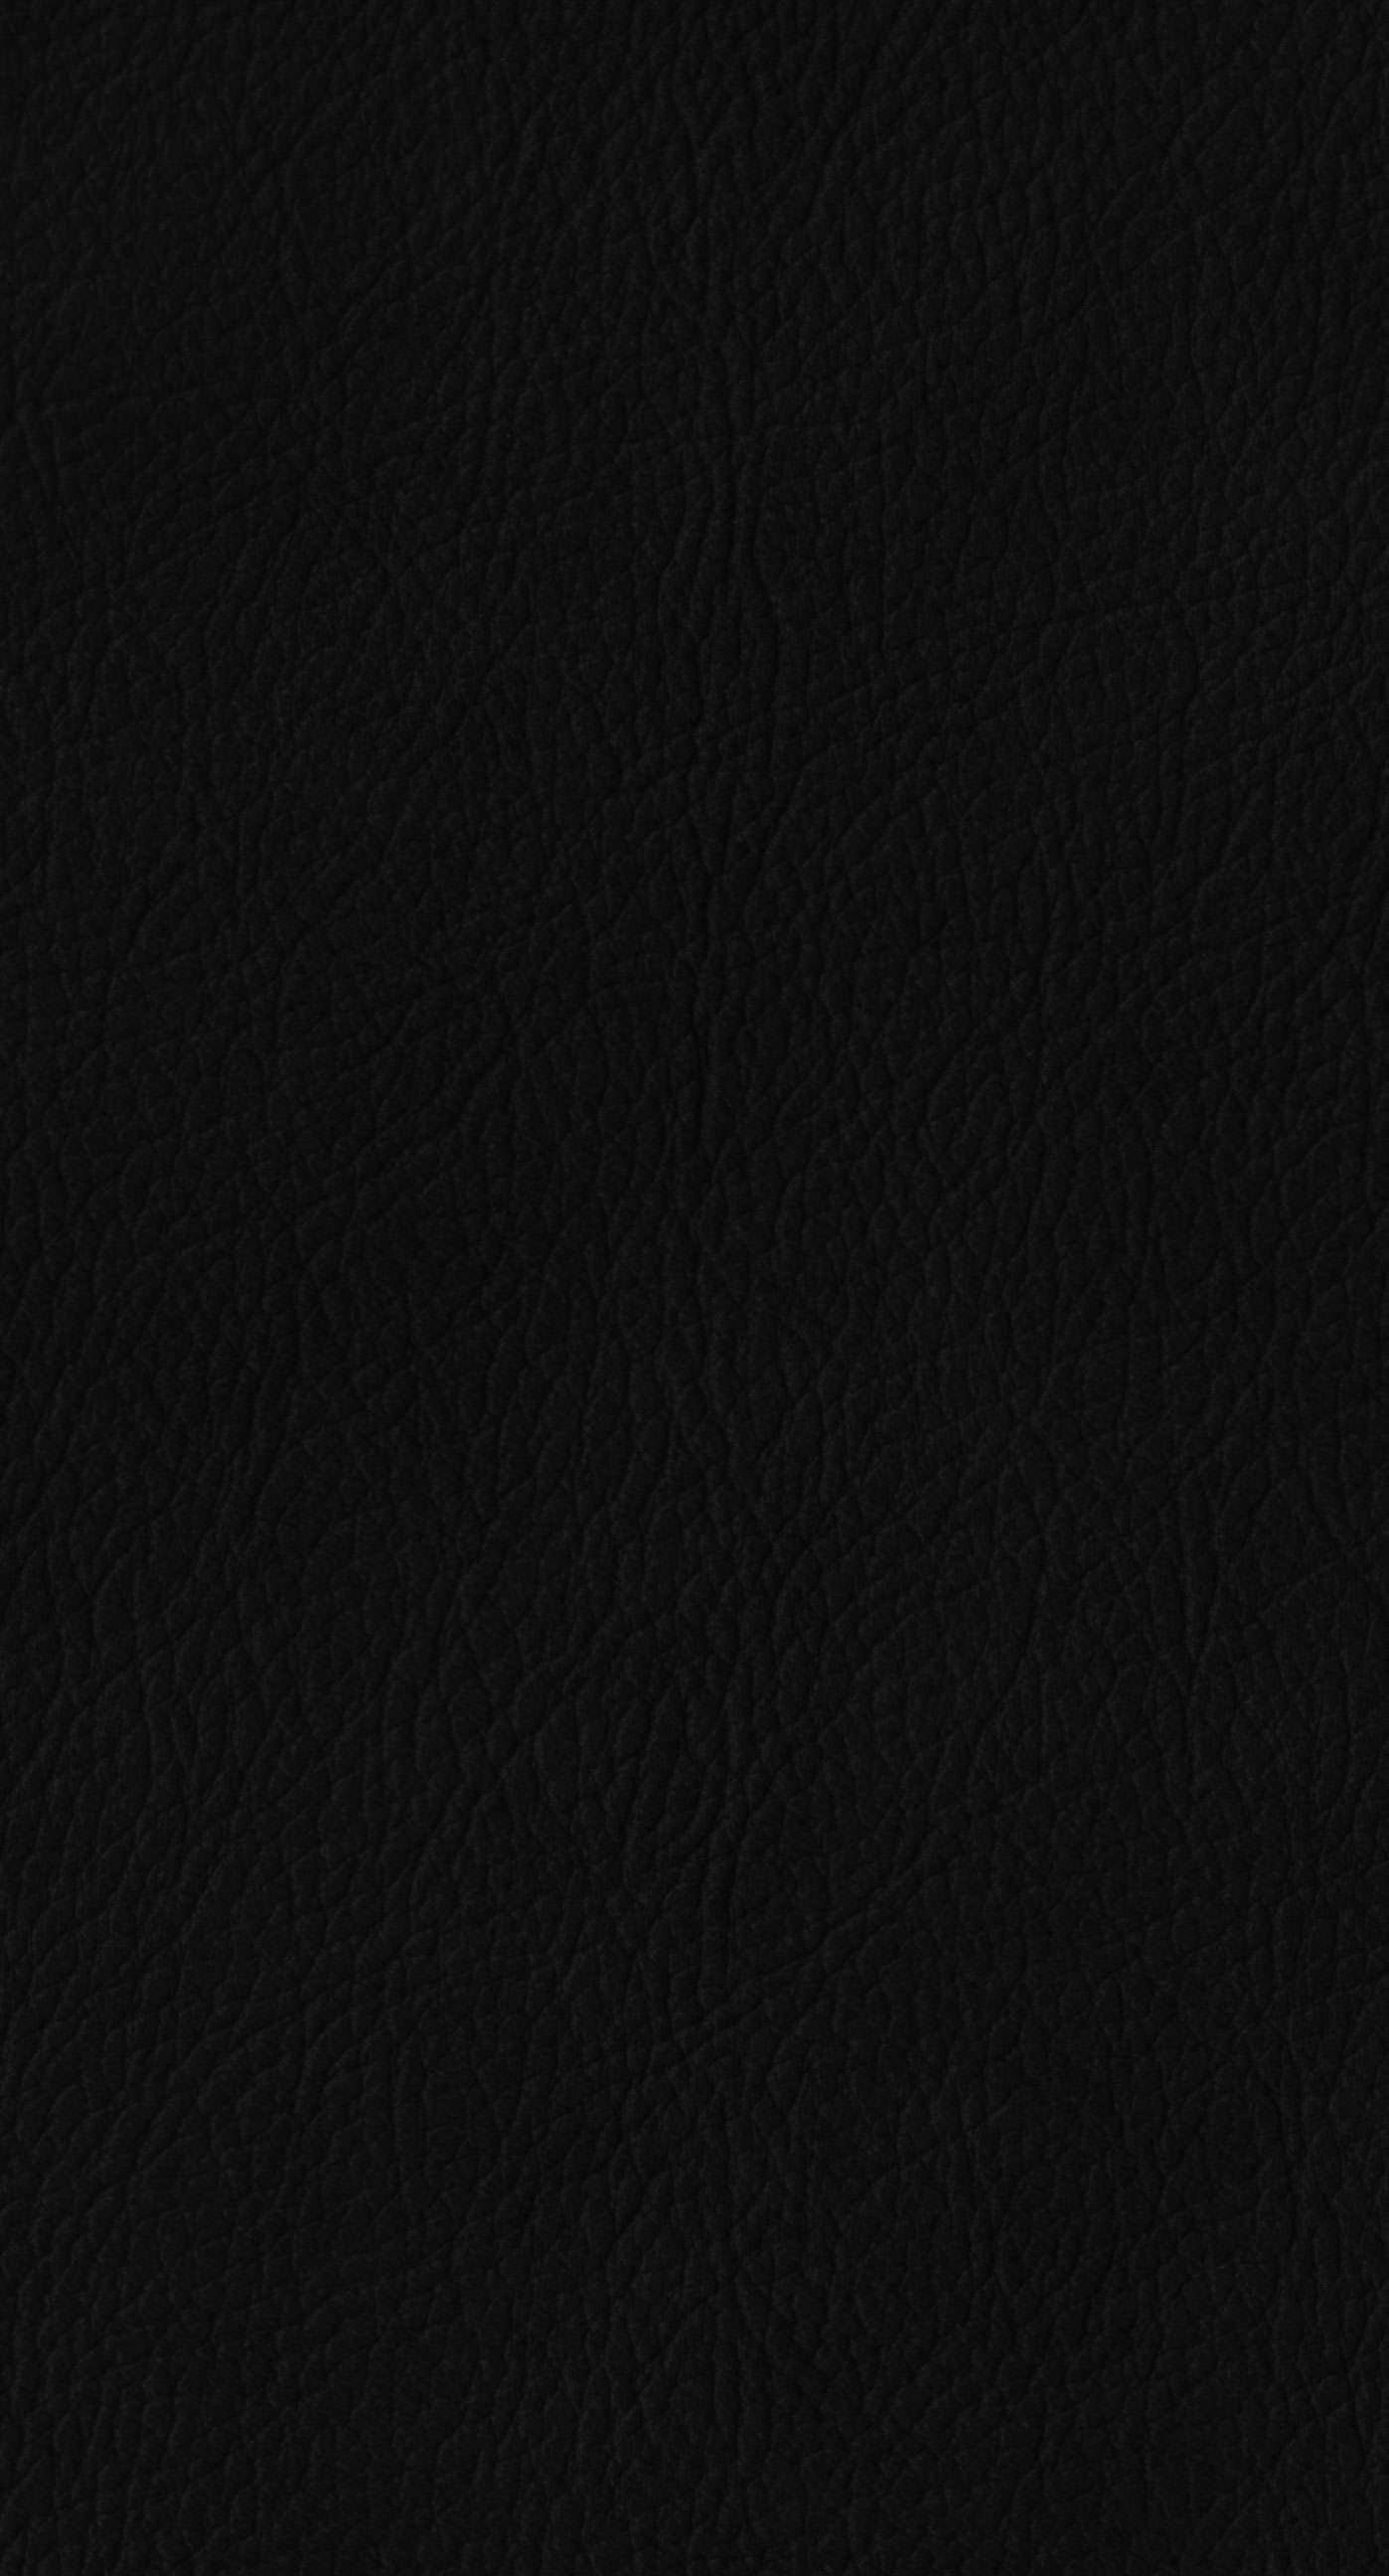 最新 壁紙 真っ黒 無料hd品質の壁紙画像